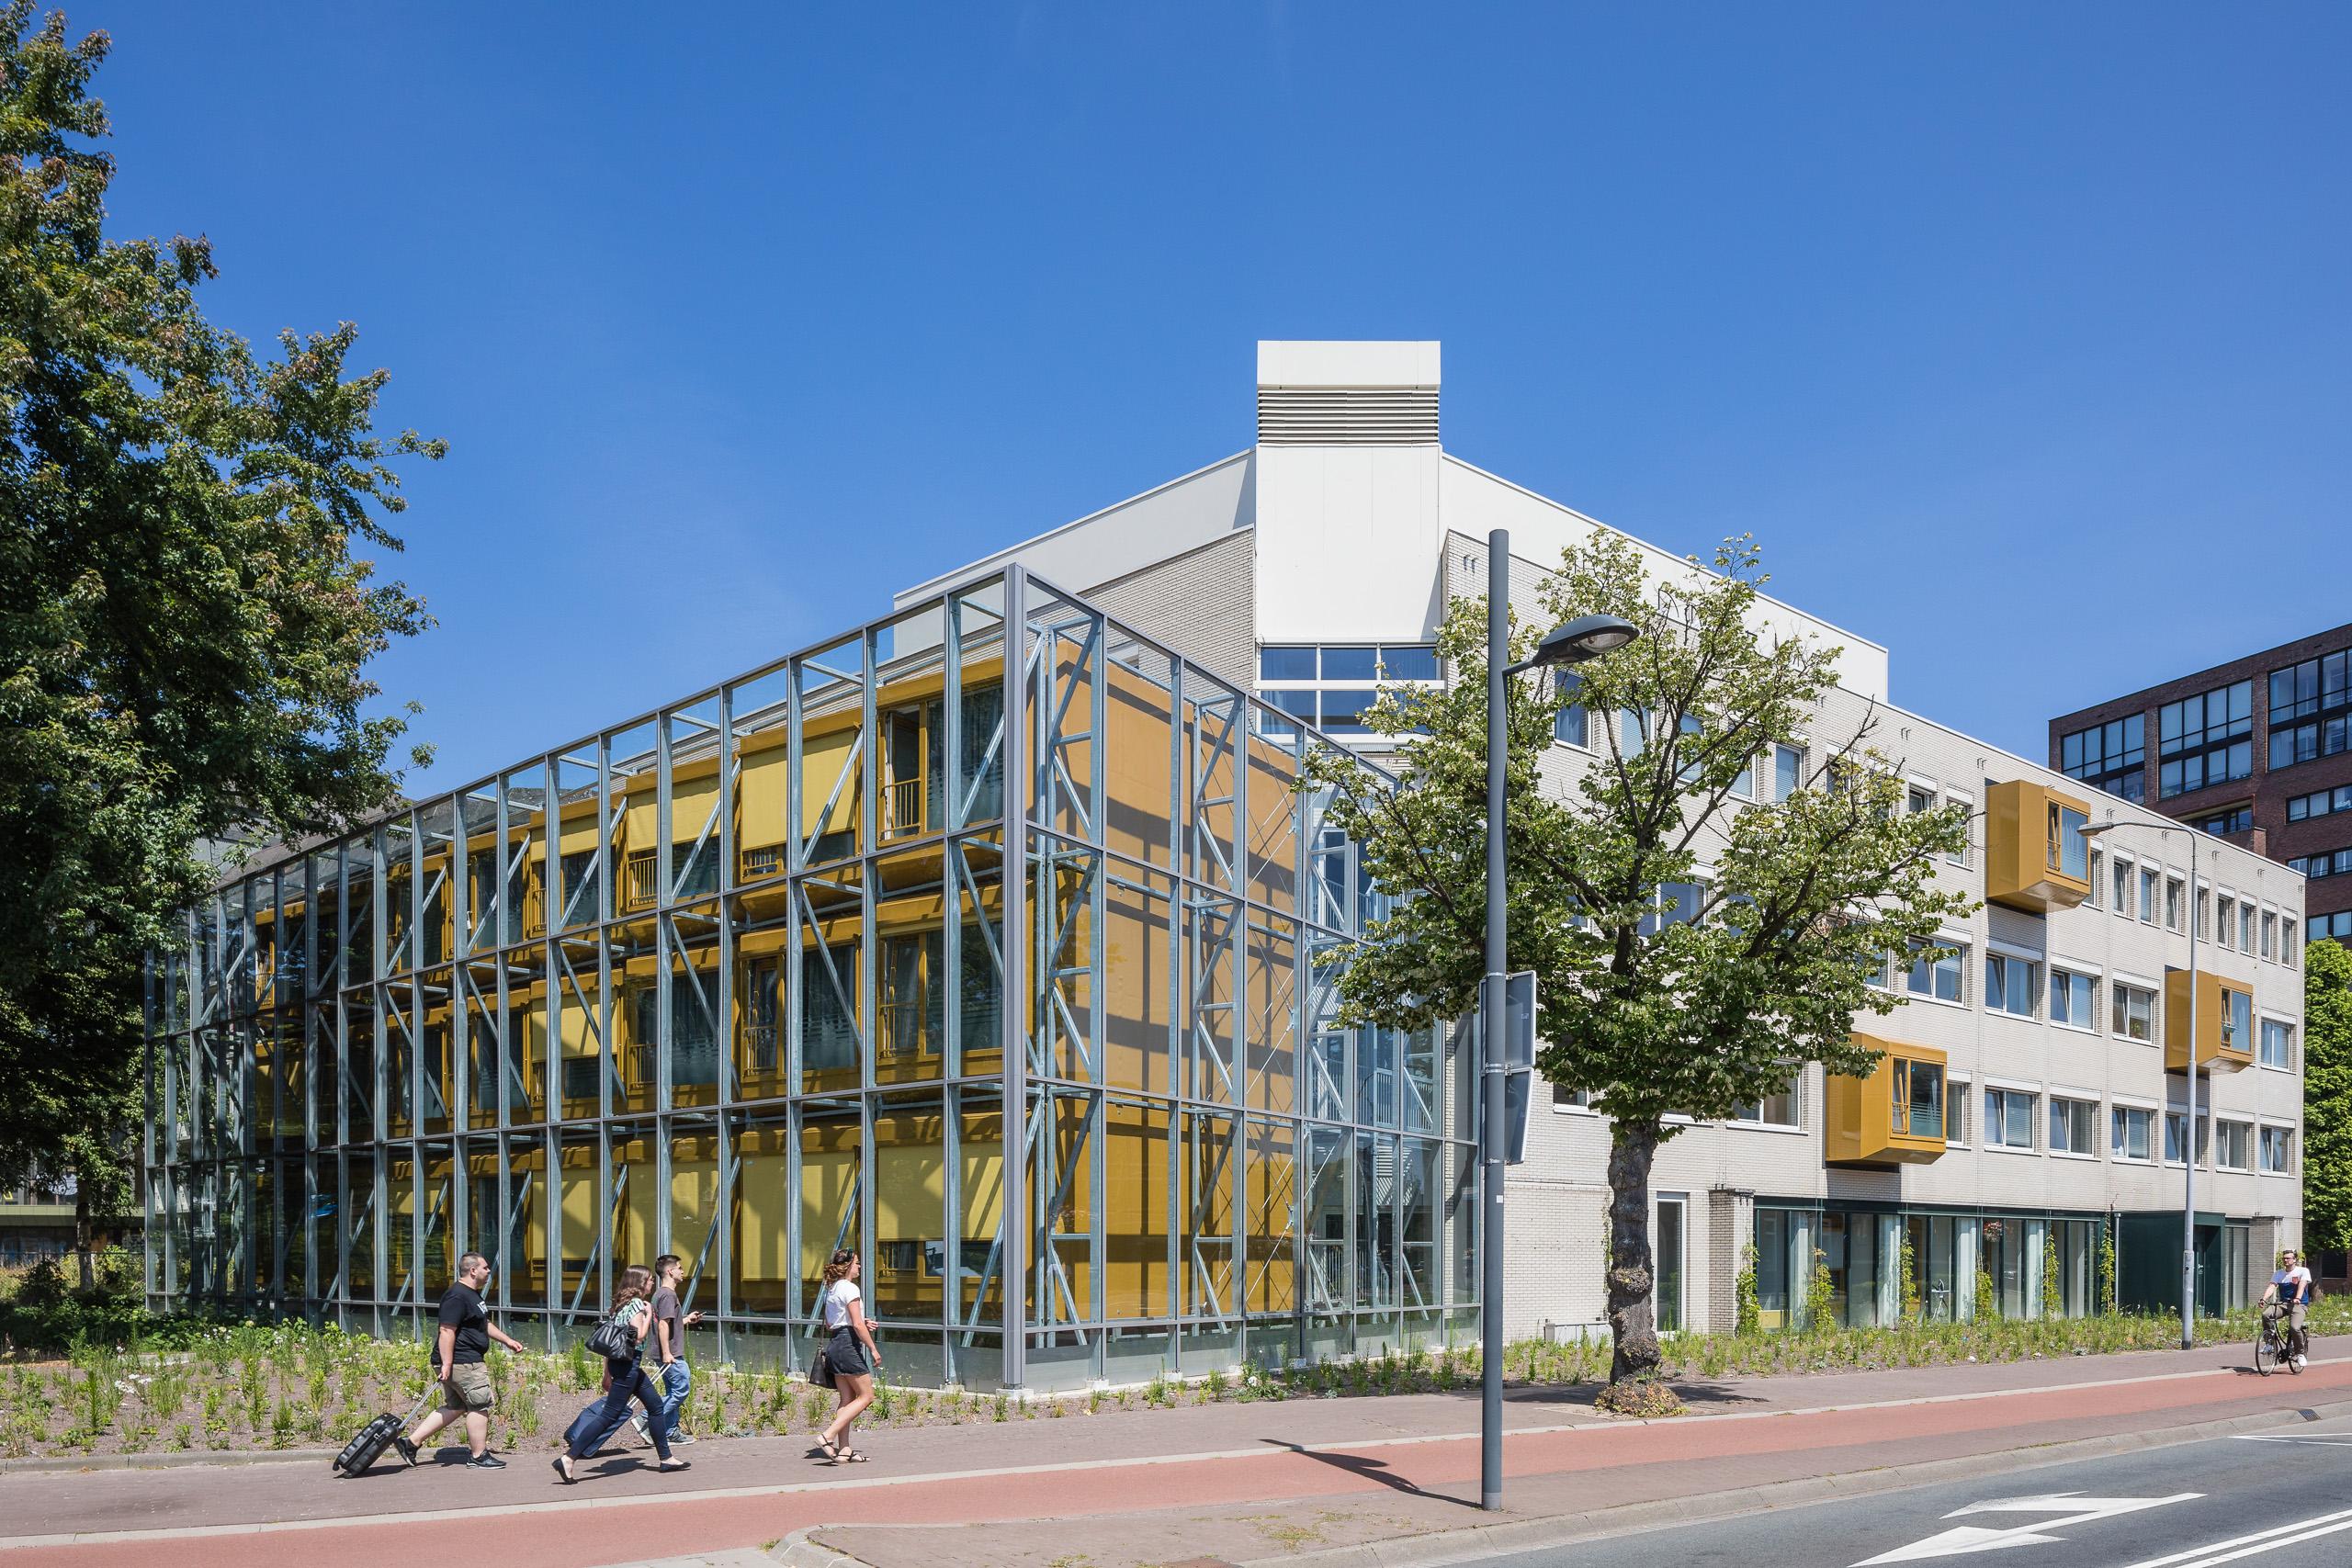 Woonbedrijf transformatie herbestemming Eindhoven Brainport kantoor spacebox prefab container plug-in Archigram Cook flexwonen goudkleurig flexibel circulair materiaalgebruik Willemstraat wooneenheden woonunits containerwoning visionair atelierruimte